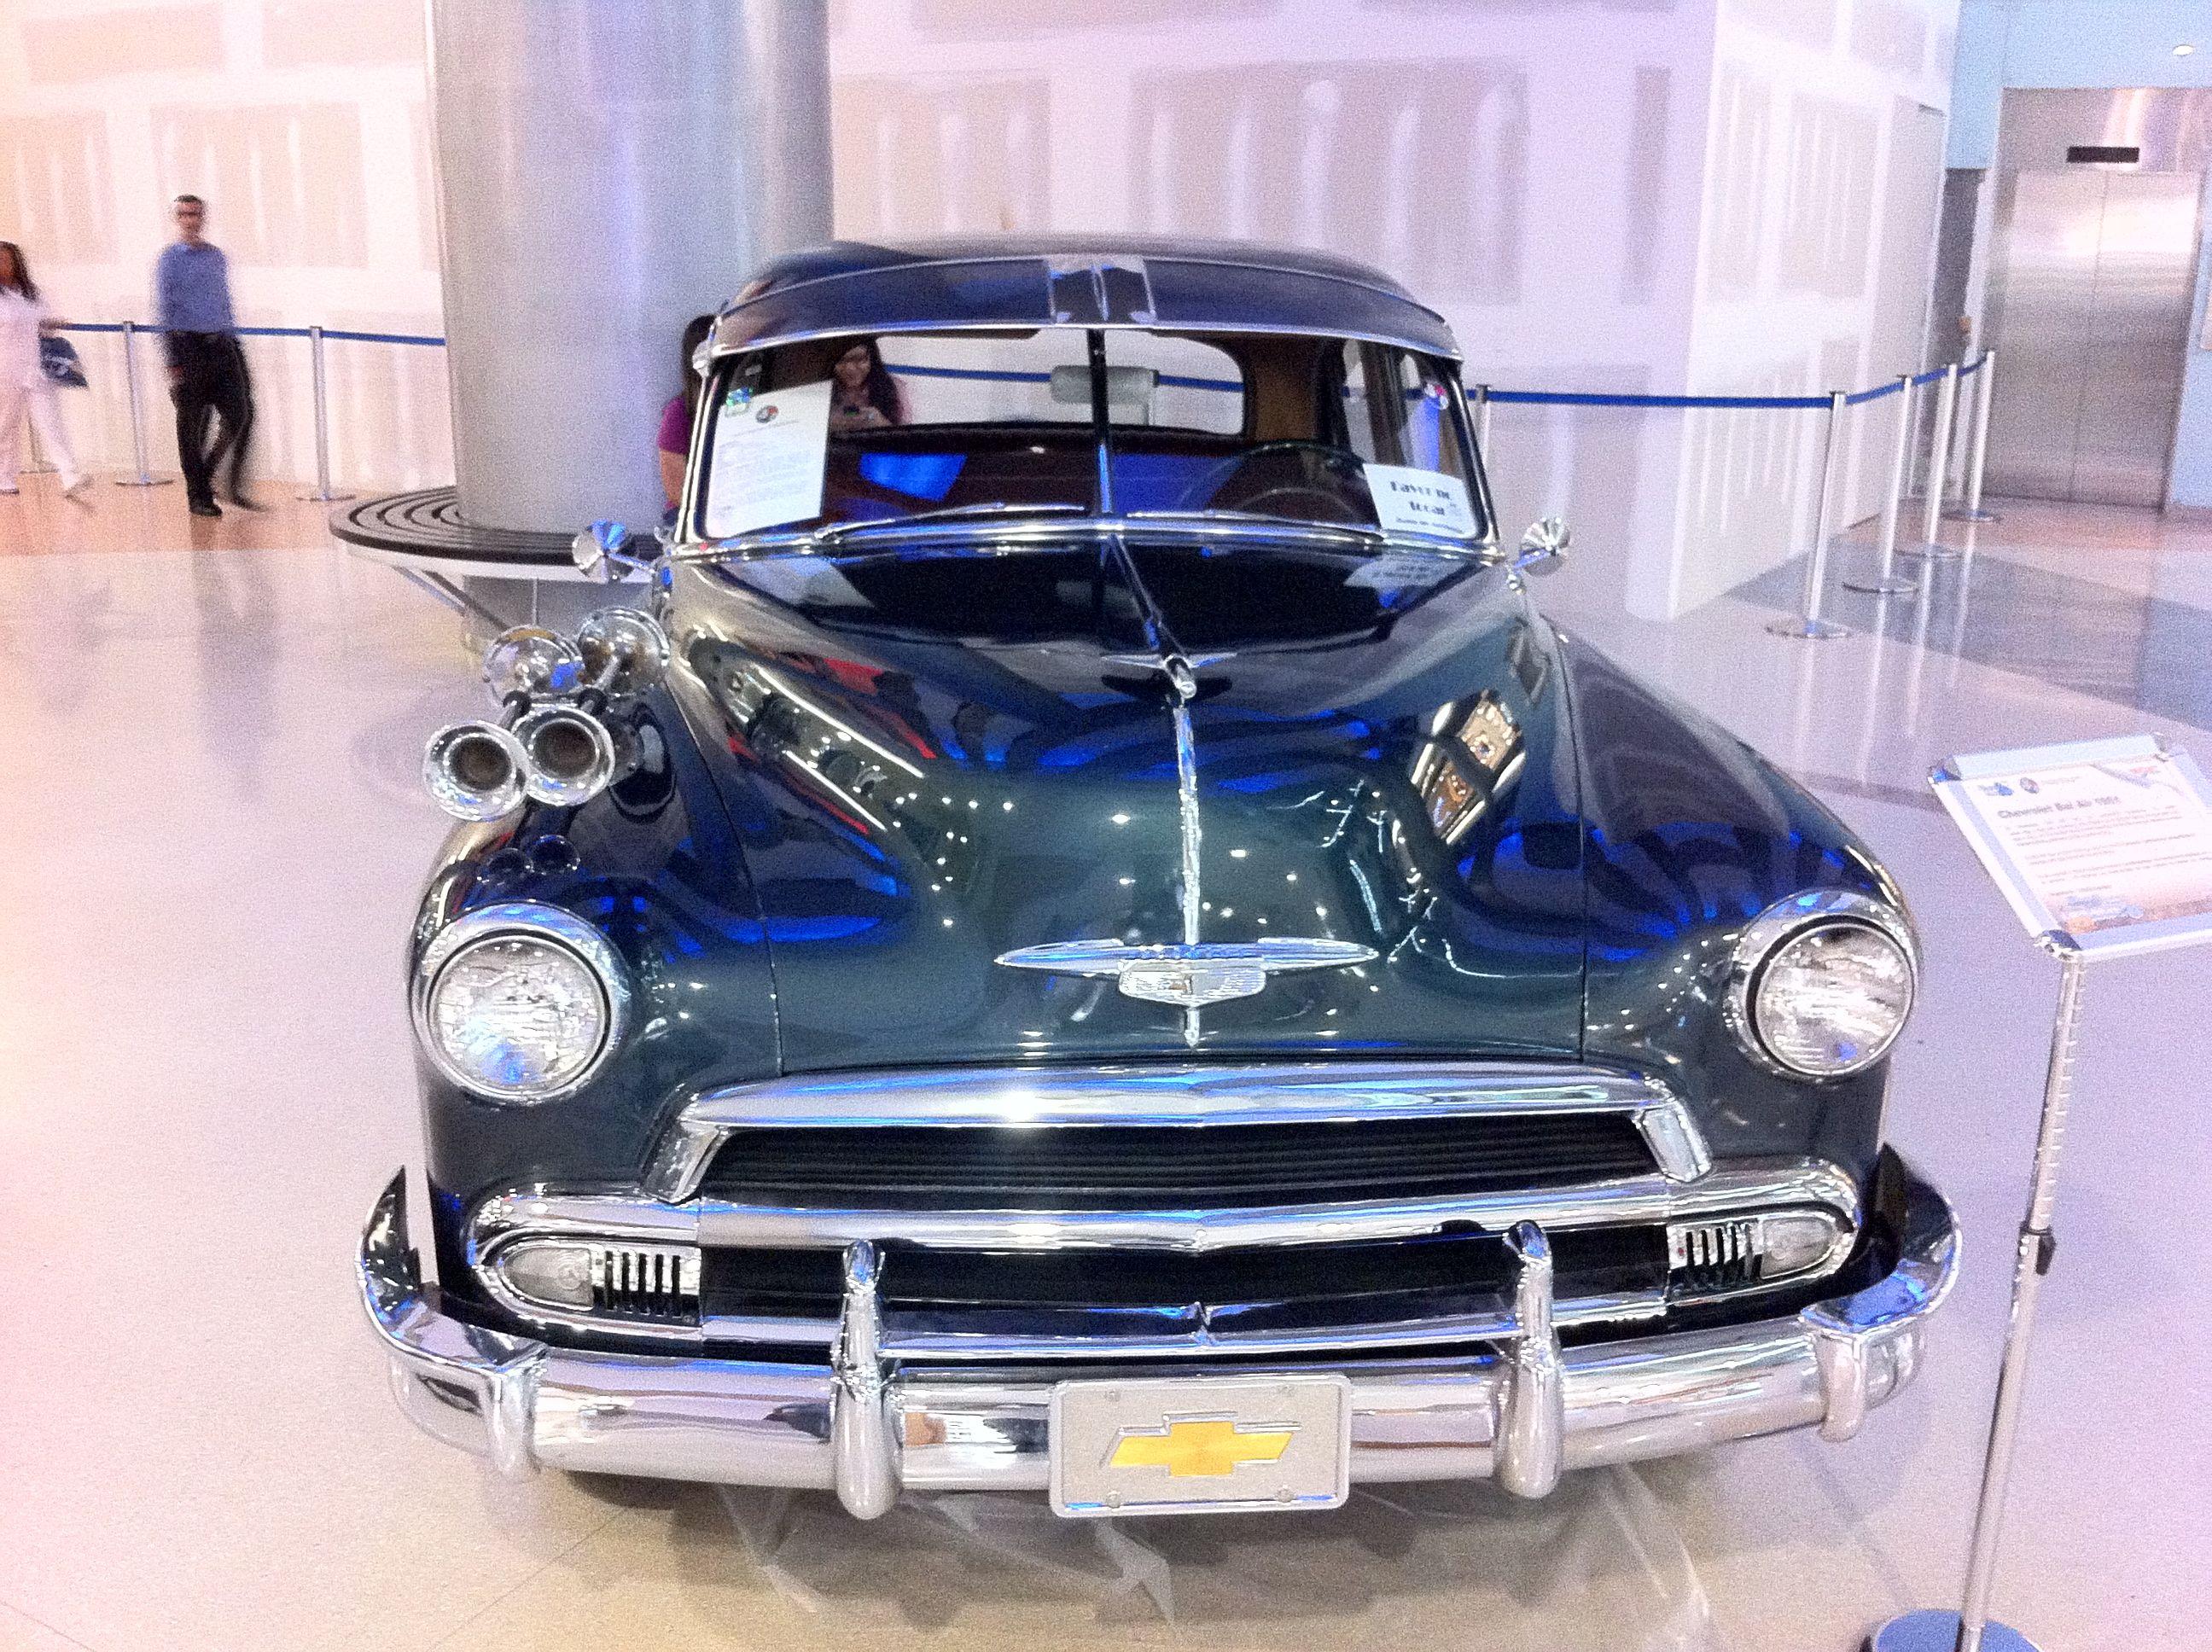 Chevy Bal Air 1951 Vintage Cars Chevy Sports Car